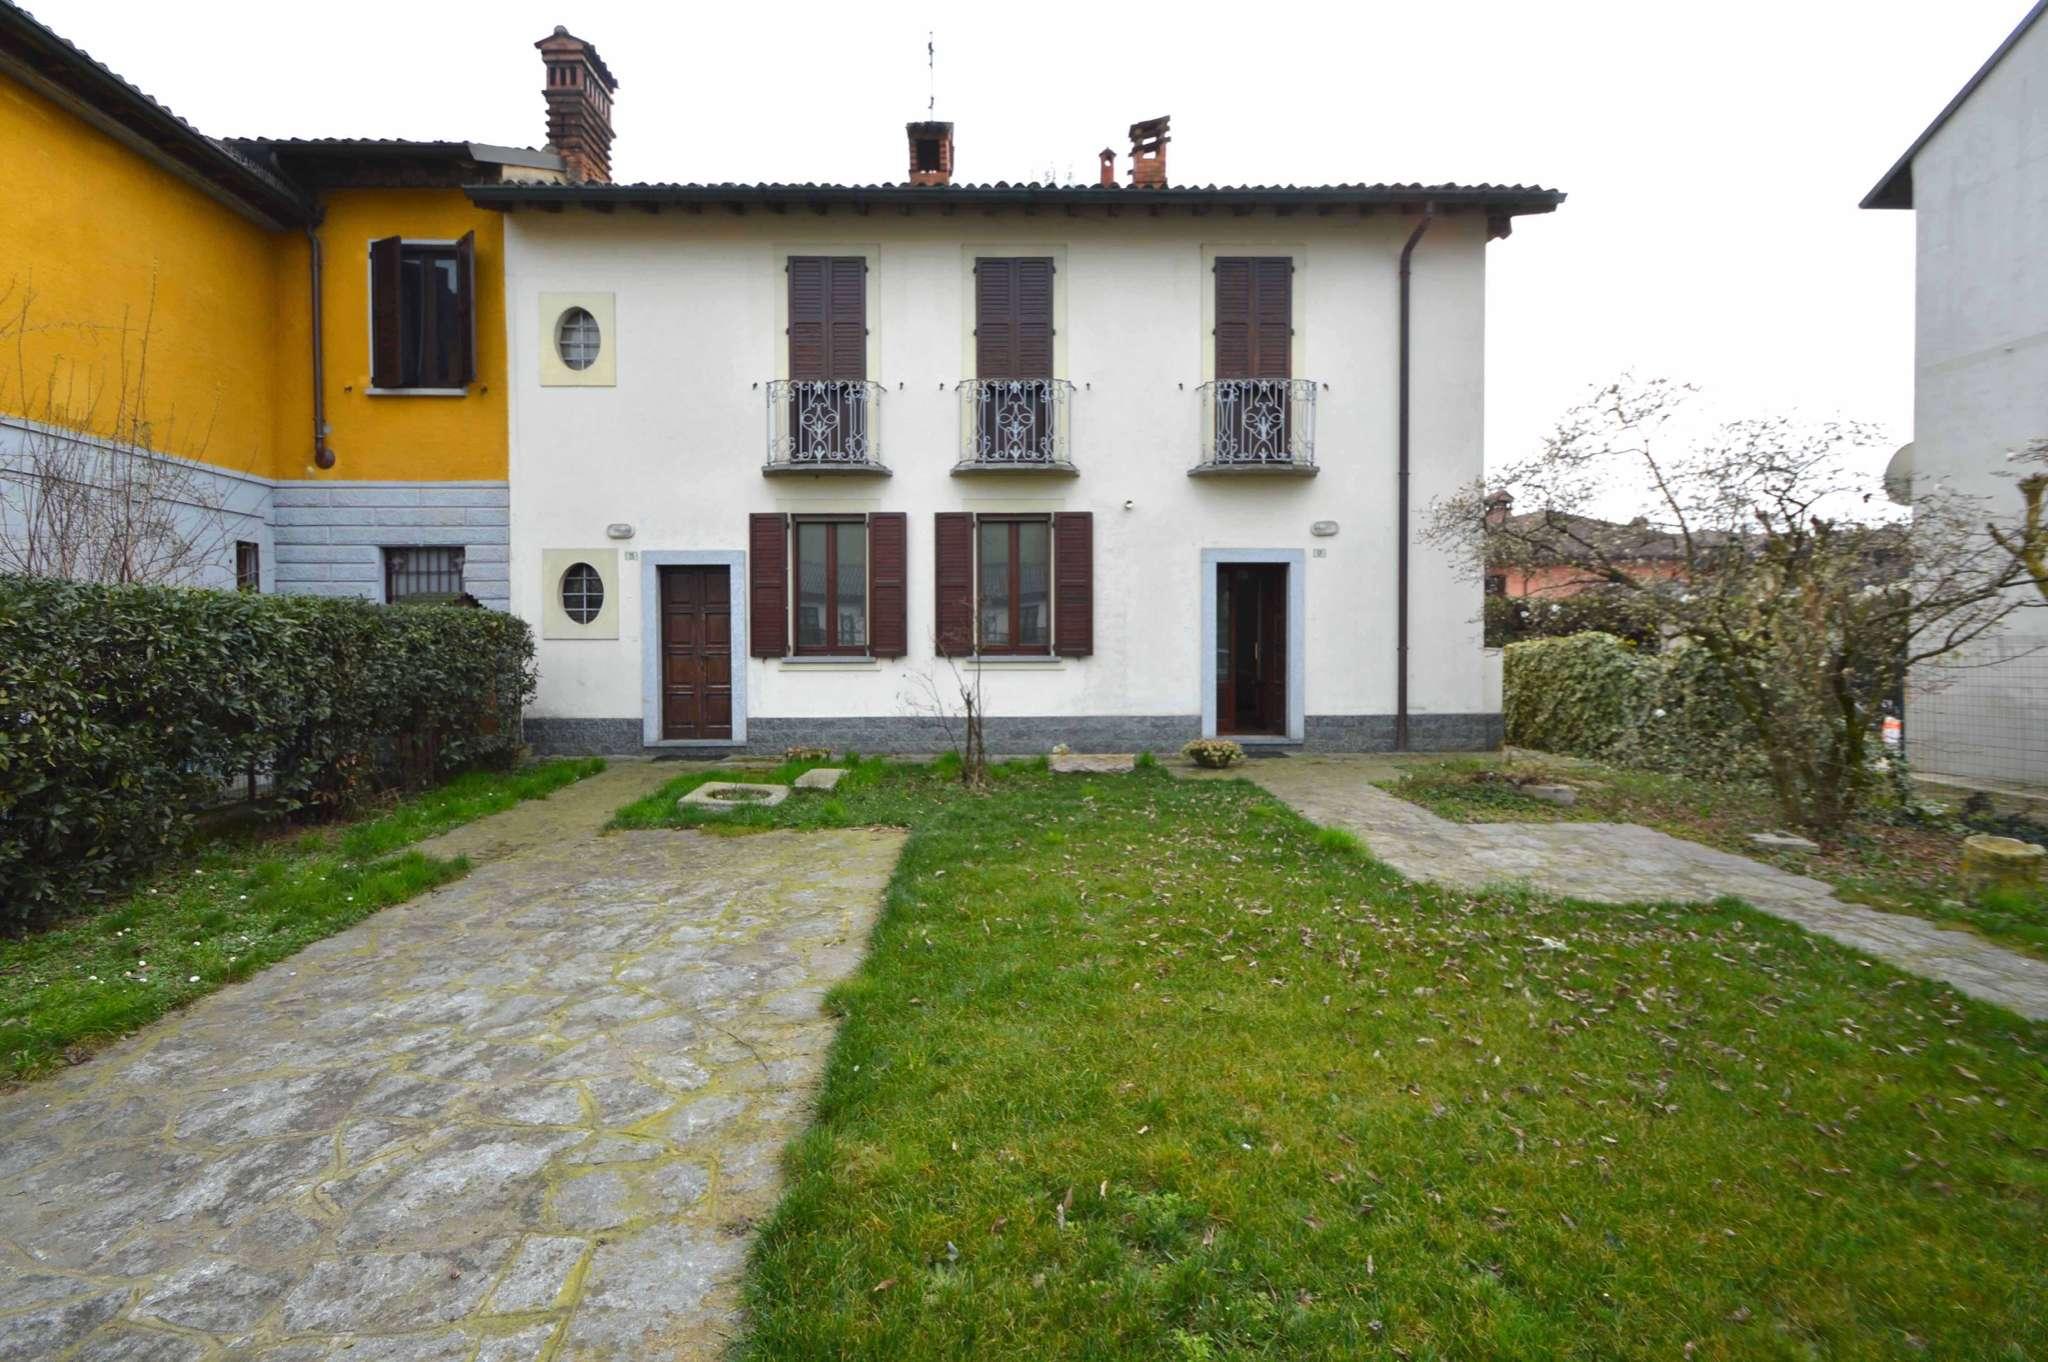 Soluzione Indipendente in vendita a Rosate, 4 locali, prezzo € 285.000   PortaleAgenzieImmobiliari.it